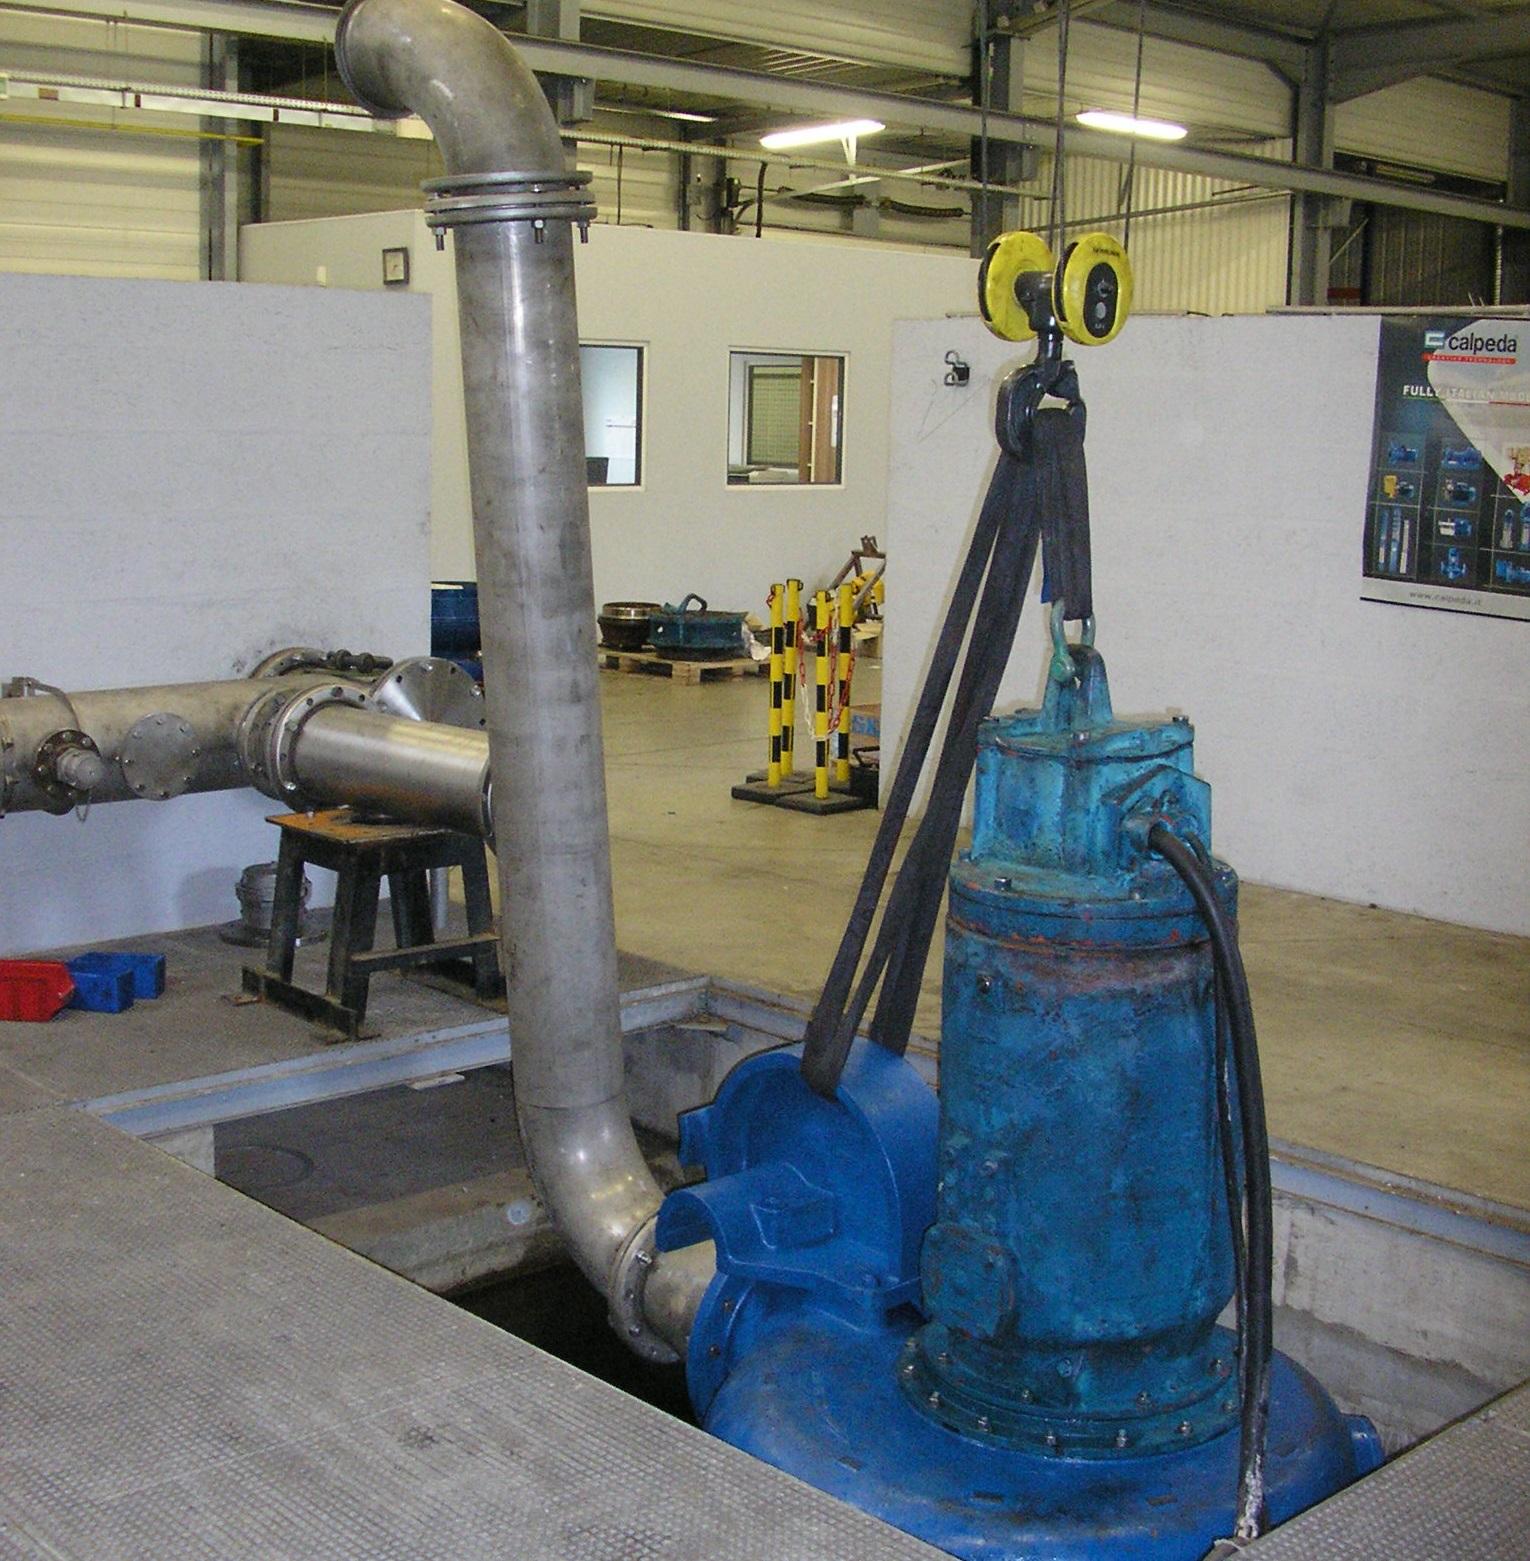 En atelier pour réparation et maintenance